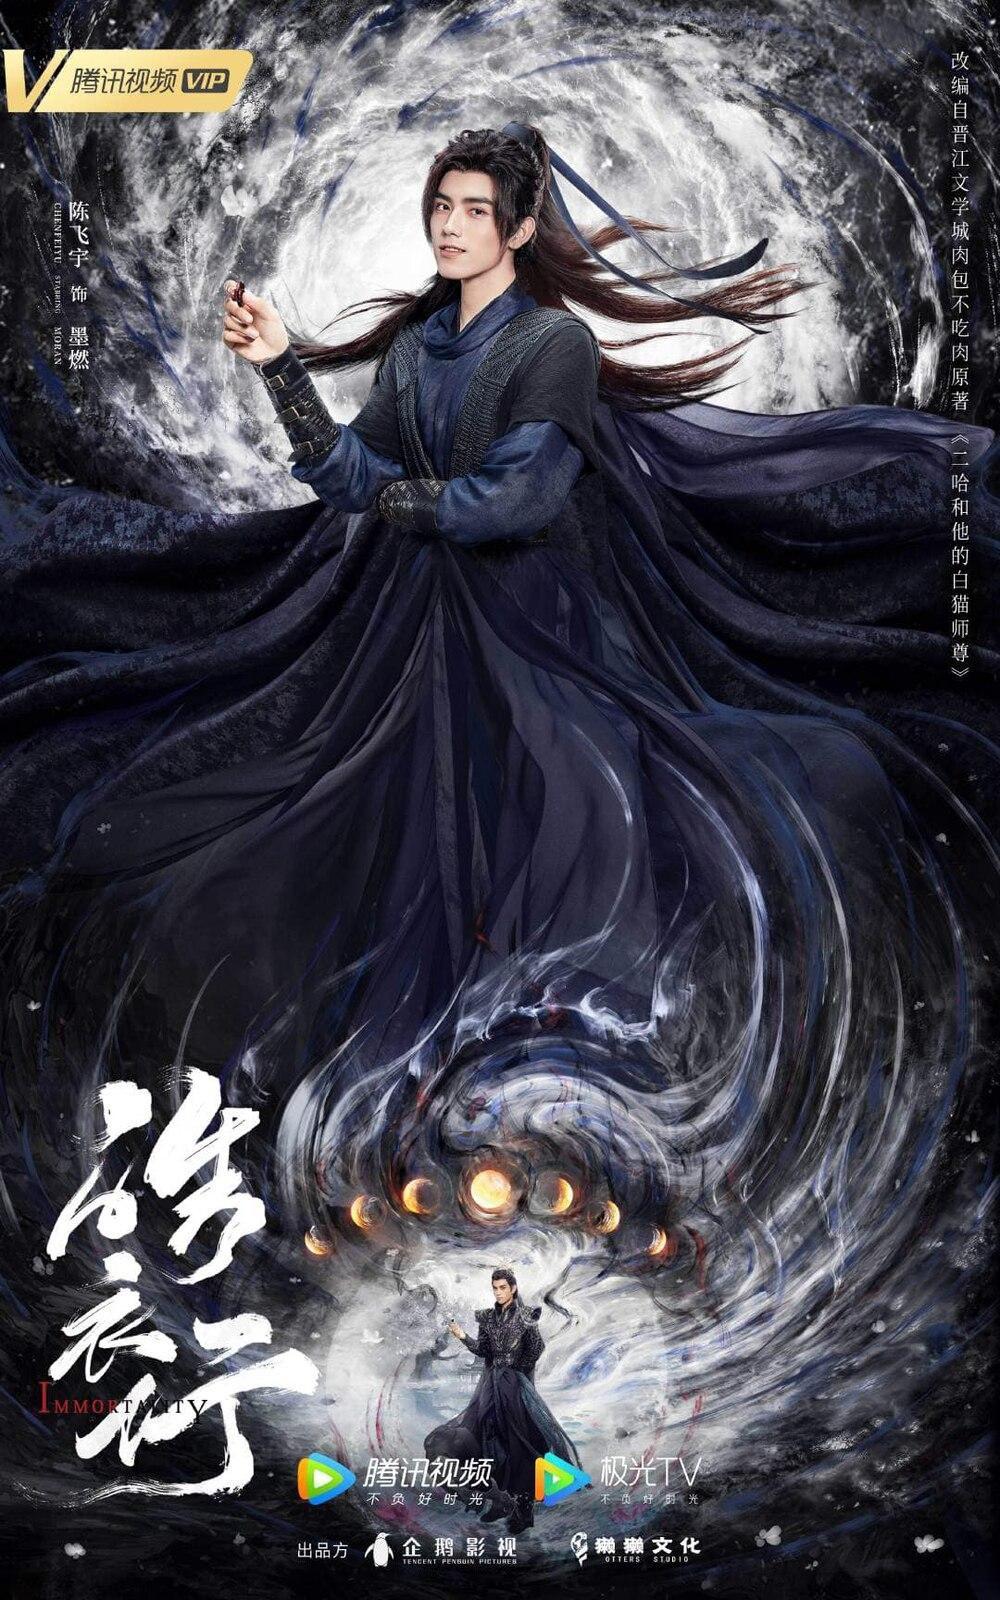 Dân mạng phát sốt với hình ảnh thân mật của La Vân Hi - Trần Phi Vũ trong hậu trường 'Hạo y hành' Ảnh 5